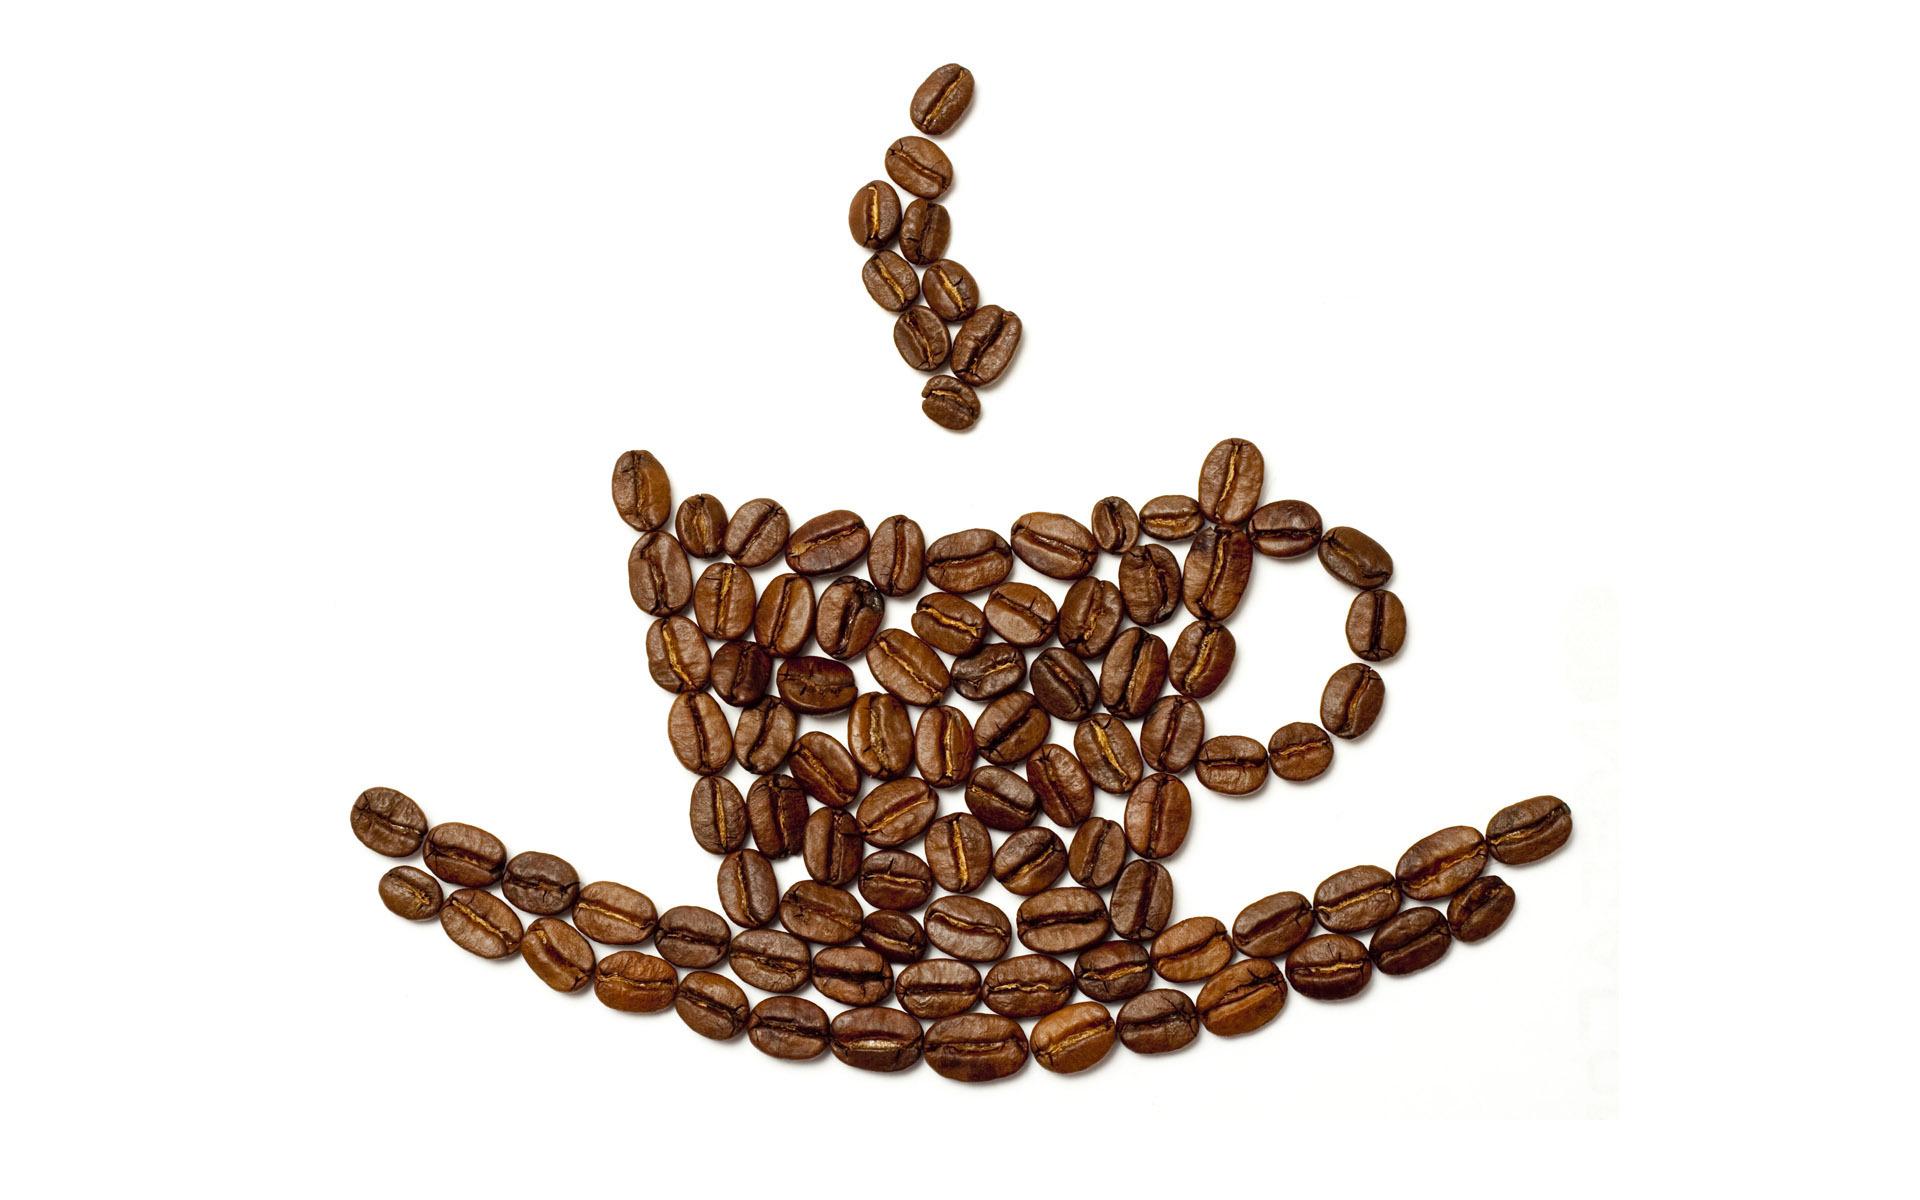 Coffee-coffee-13874494-1920-1200